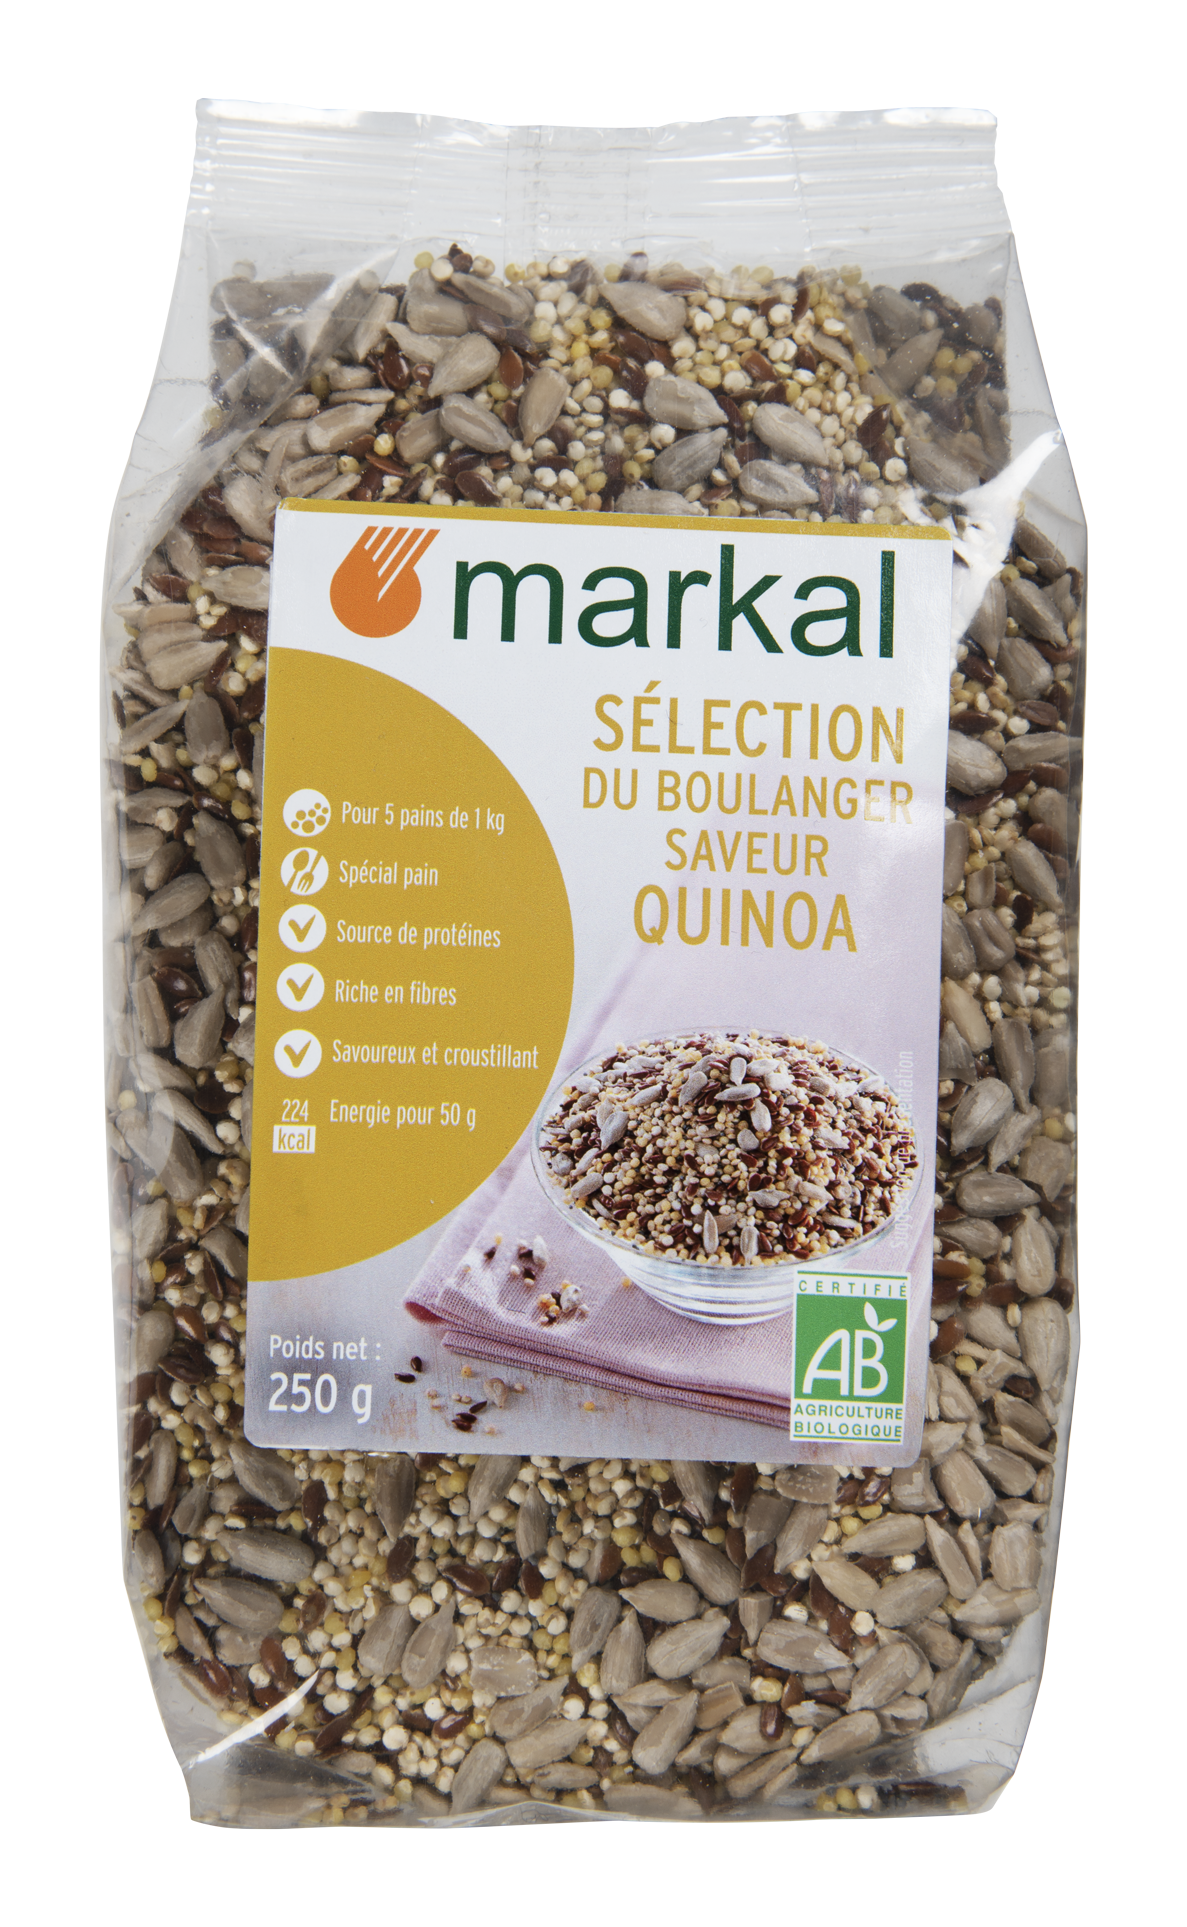 Sélection du boulanger - quinoa Quinoa, lin brun, millet décortiqué, tournesol décortiqué, pavot.